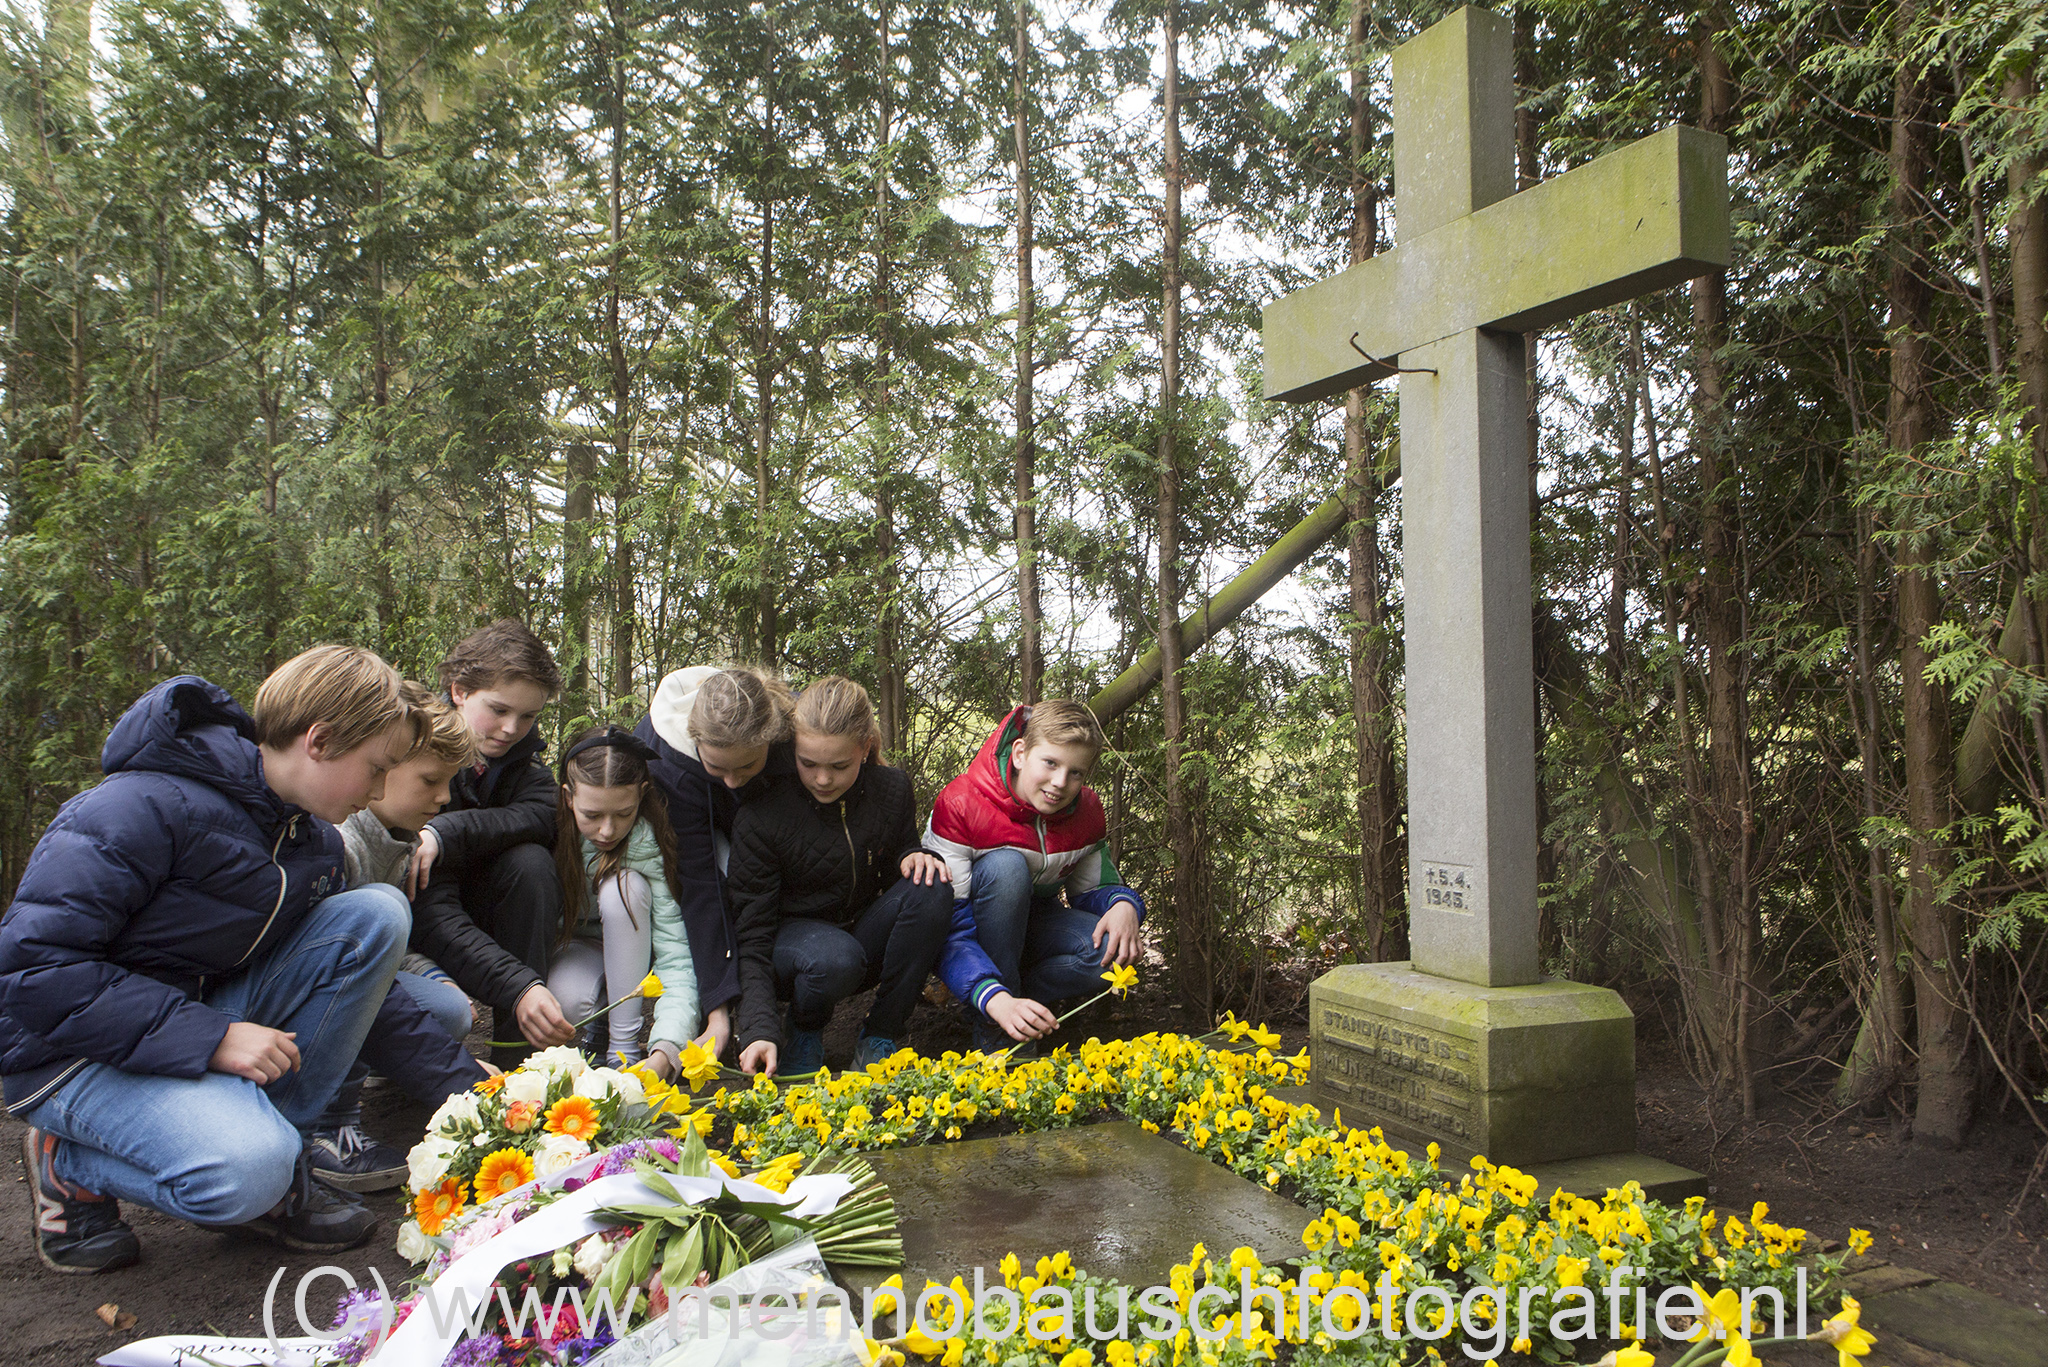 Kinderen van groep 7 en 8 van de basisschool De Kameleon uit Den Dolder hebben bij het oorlogsmonument bloemen neergelegd ter nagedachtenis aan de 10 personen die gefussileerd zijn op 5 april 1945. De school heeft het monument geadoppteerd. Bij de bloemen en kranslegging waren ook kinderen en klein kinderen van de slachtoffers aanwezig. Op donderdag 5 april 1945 omstreeks 7.30 uur, belde een Duitse militair het politiebureau in Zeist met de mededeling dat op de Soestdijkerweg ter hoogte van het perceel nummer 8, tien mannen waren doodgeschoten. Hij gaf opdracht maatregelen te nemen voor het vervoer van de stoffelijke overschotten. Toen de politie bij de genoemde plaats aankwam, vond zij op de verhoogde berm, ongeveer vijftien meter vanaf de Soestdijkerweg tien dode mannen liggen. In de boerderij op het adres Soestdijkerweg 8 woonde Hendrik Hilhorst. Hij verklaarde dat die morgen omstreeks 6.30 een autobus uit de richting van Utrecht was komen aanrijden en dat die vlakbij zijn boerderij was gestopt. Eerst stapten miltairen van de Duitse Wehrmacht uit en daarna tien mannen in burger. Deze tien mannen moesten zich in de berm in een rij opstellen. Tien of meer Duitse militairen vormden een executiepeleton, dat na het in het Duits gegeven commando 'feuer' op die mannen begon te schieten. De tien vielen op de grond, waarna vier mannen nog door één van de militairen een genadeschot kregen. Vervolgens stapten de militairen weer in de bus en reden weg. Het is goed mogelijk dat de executie bedoeld was als een represaillemaatregel voor een overval op twee SS'ers een week eerder in die omgeving. Eén SS'er werd daarbij gedood en de ander raakte zwaargewond.